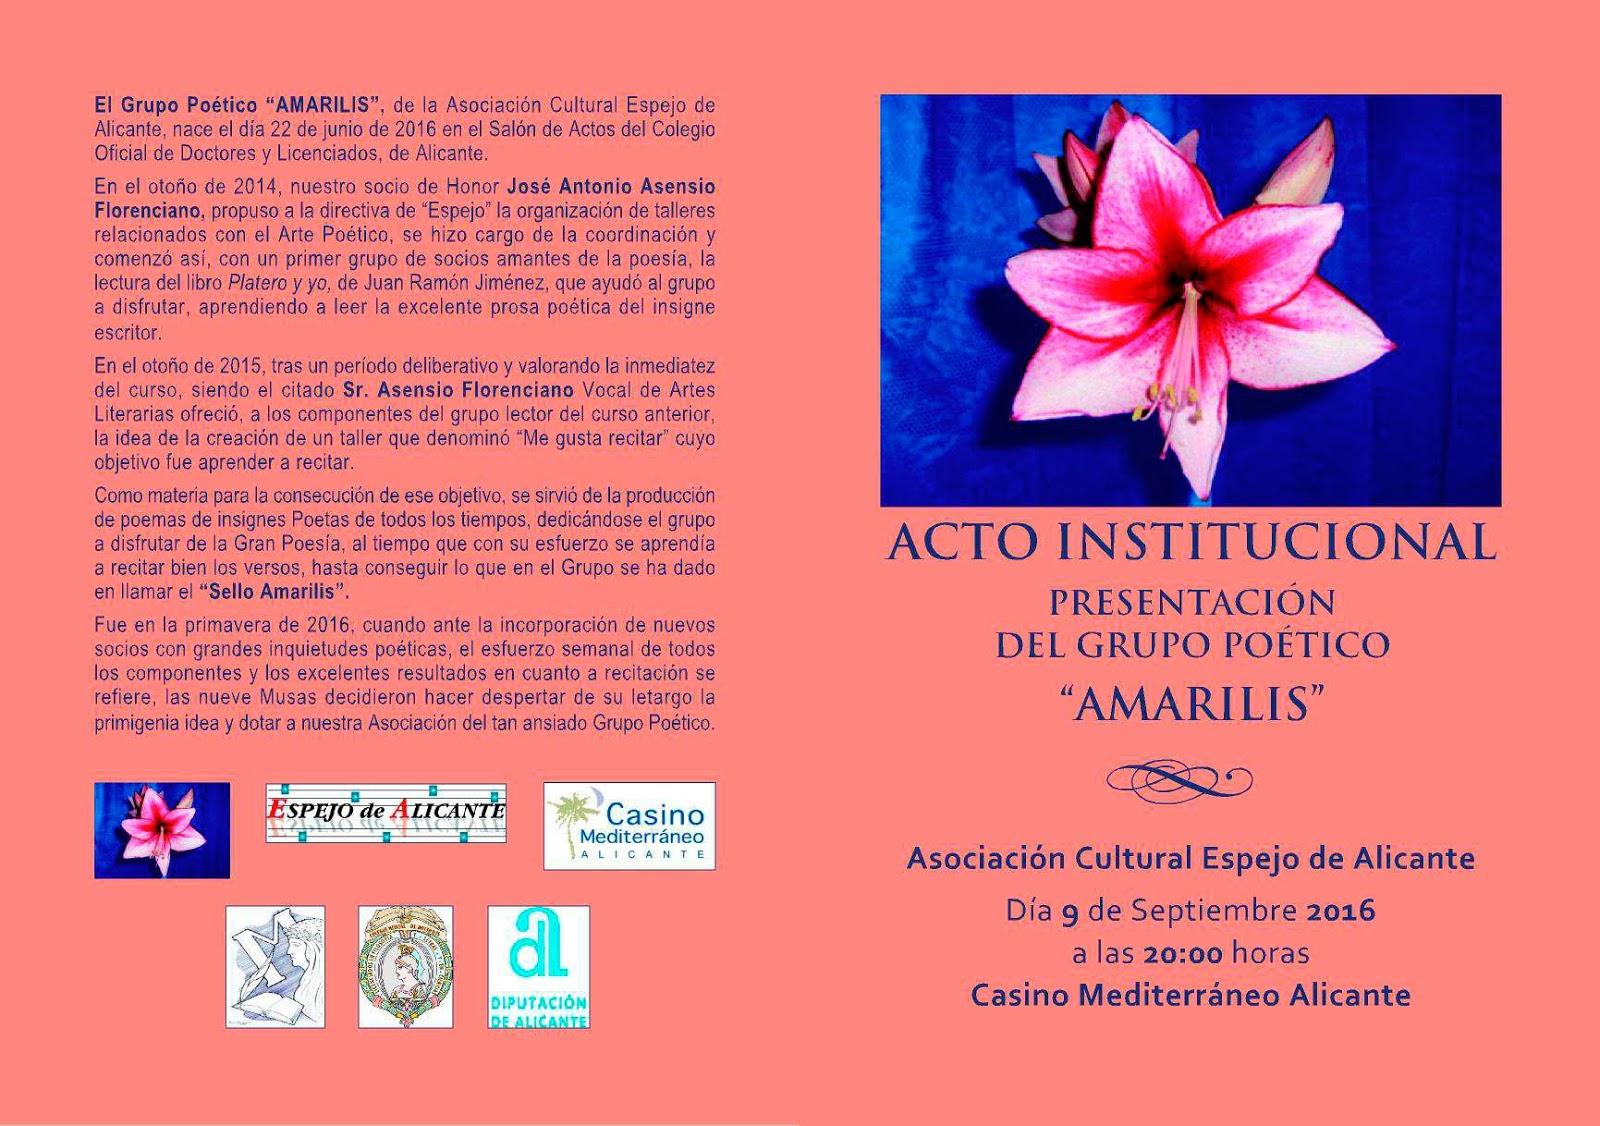 Espejo de Alicante: Próximas actividades y Comunicados